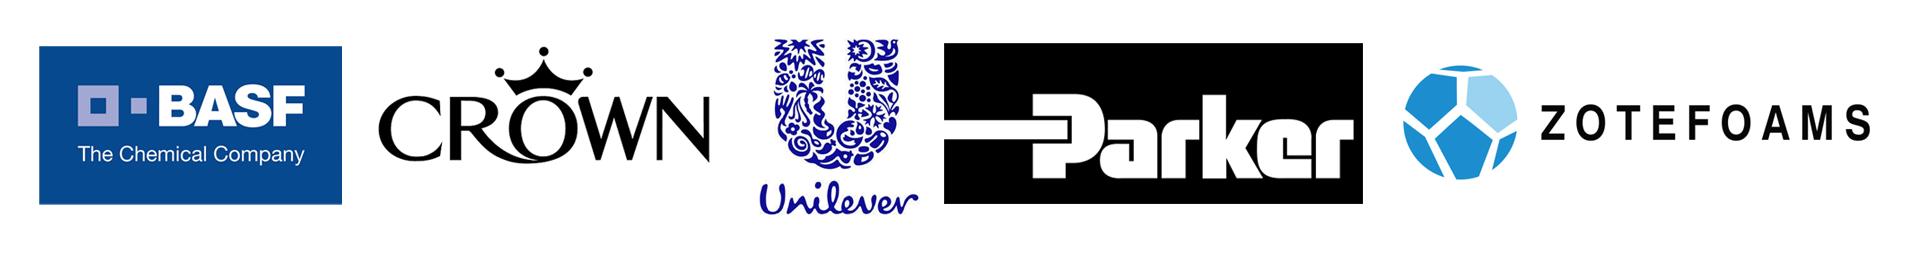 BASF, Crown, Unilever, Parker & Zotefoams